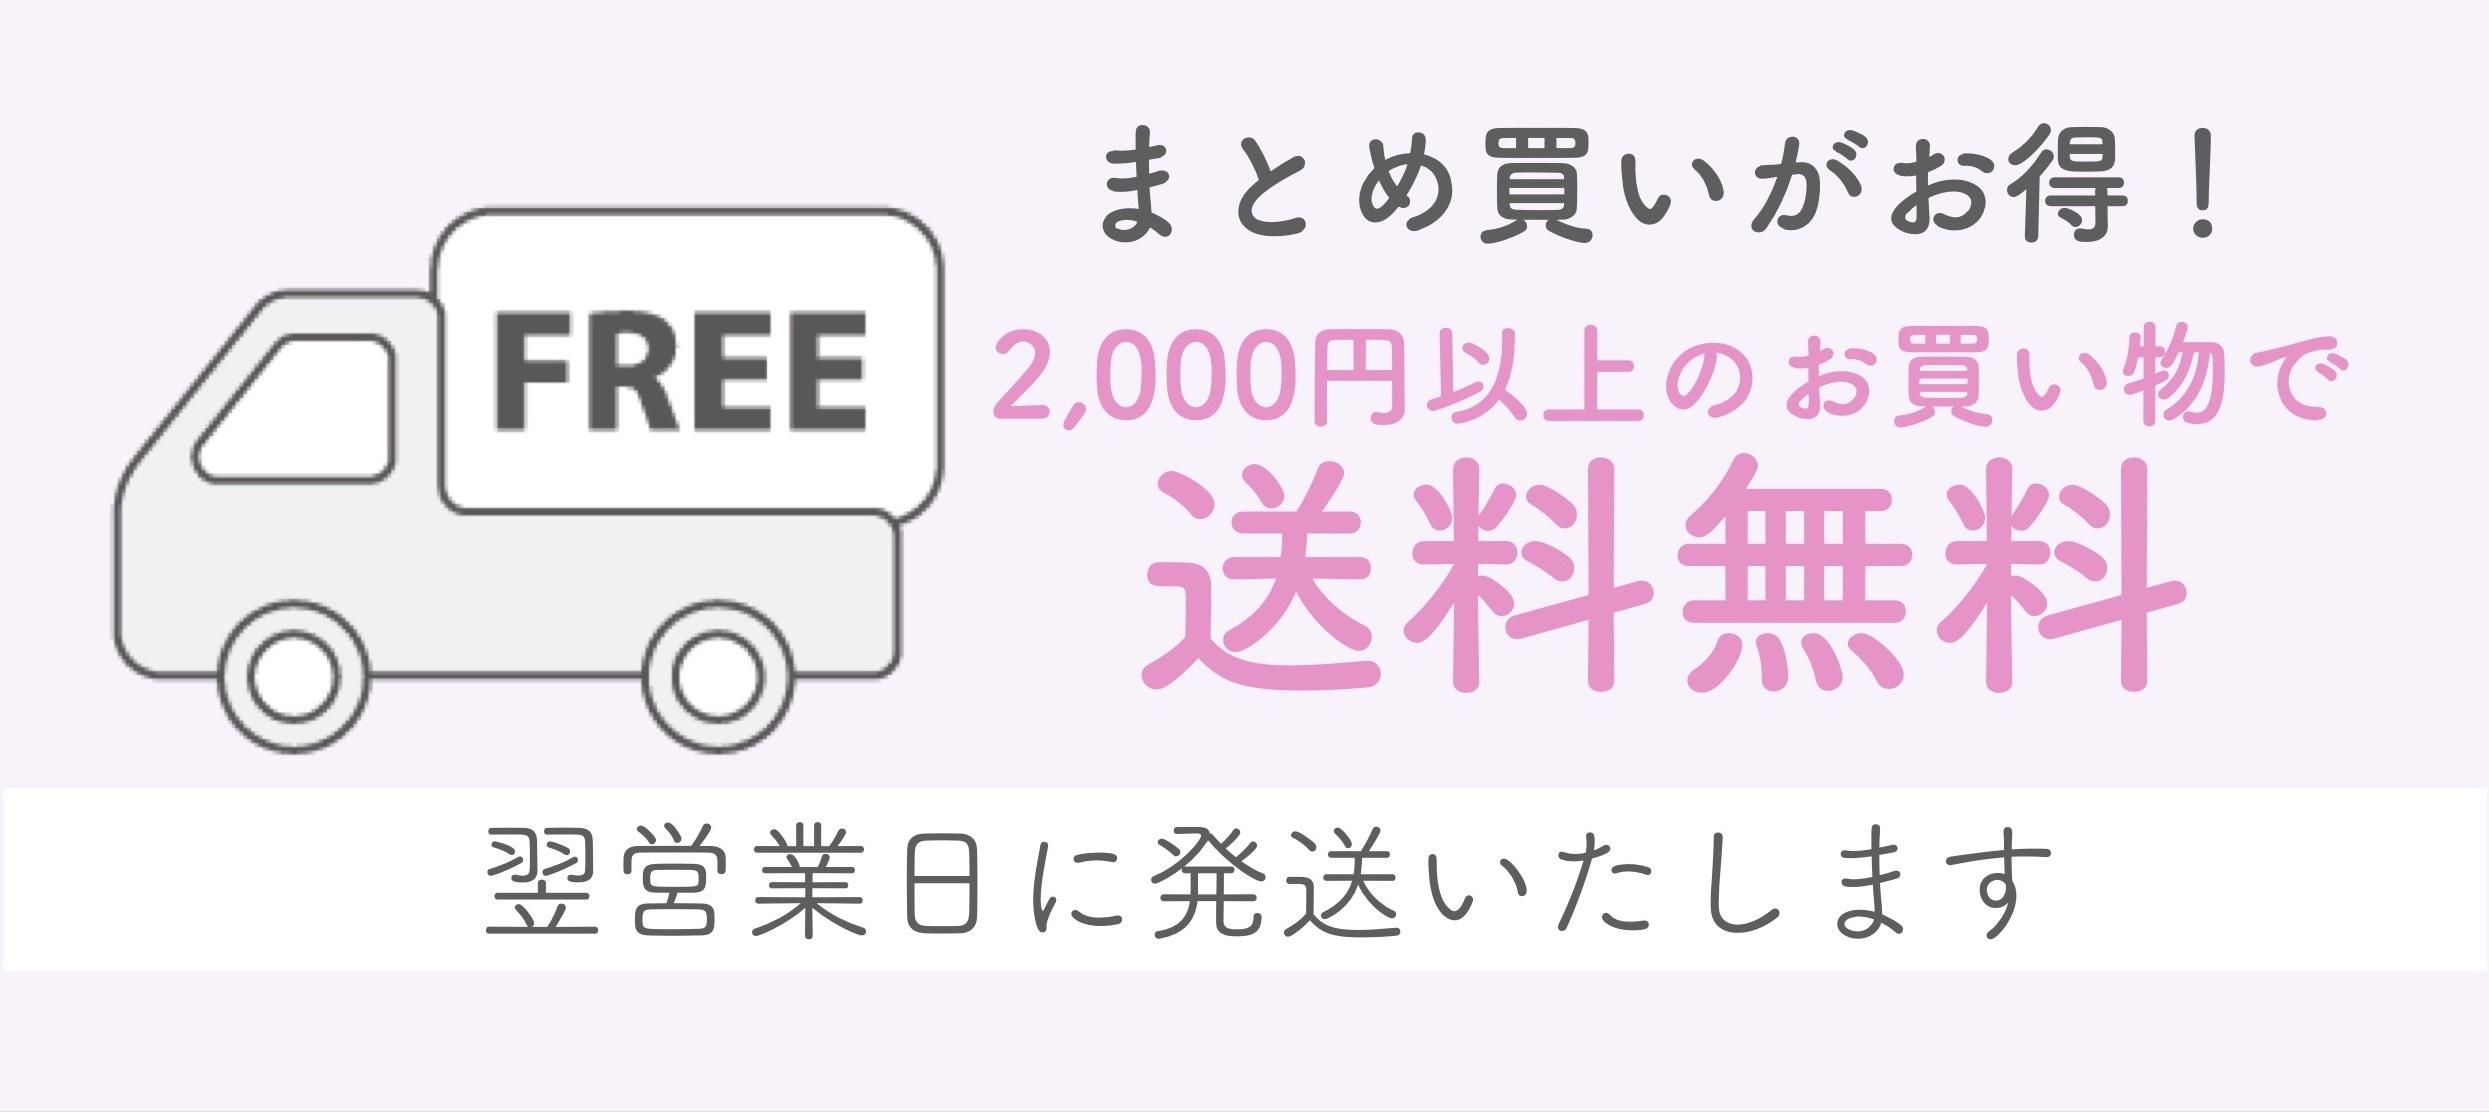 まとめ買いがお得! 2000円以上のお買い物で送料無料 翌営業日に発送いたします